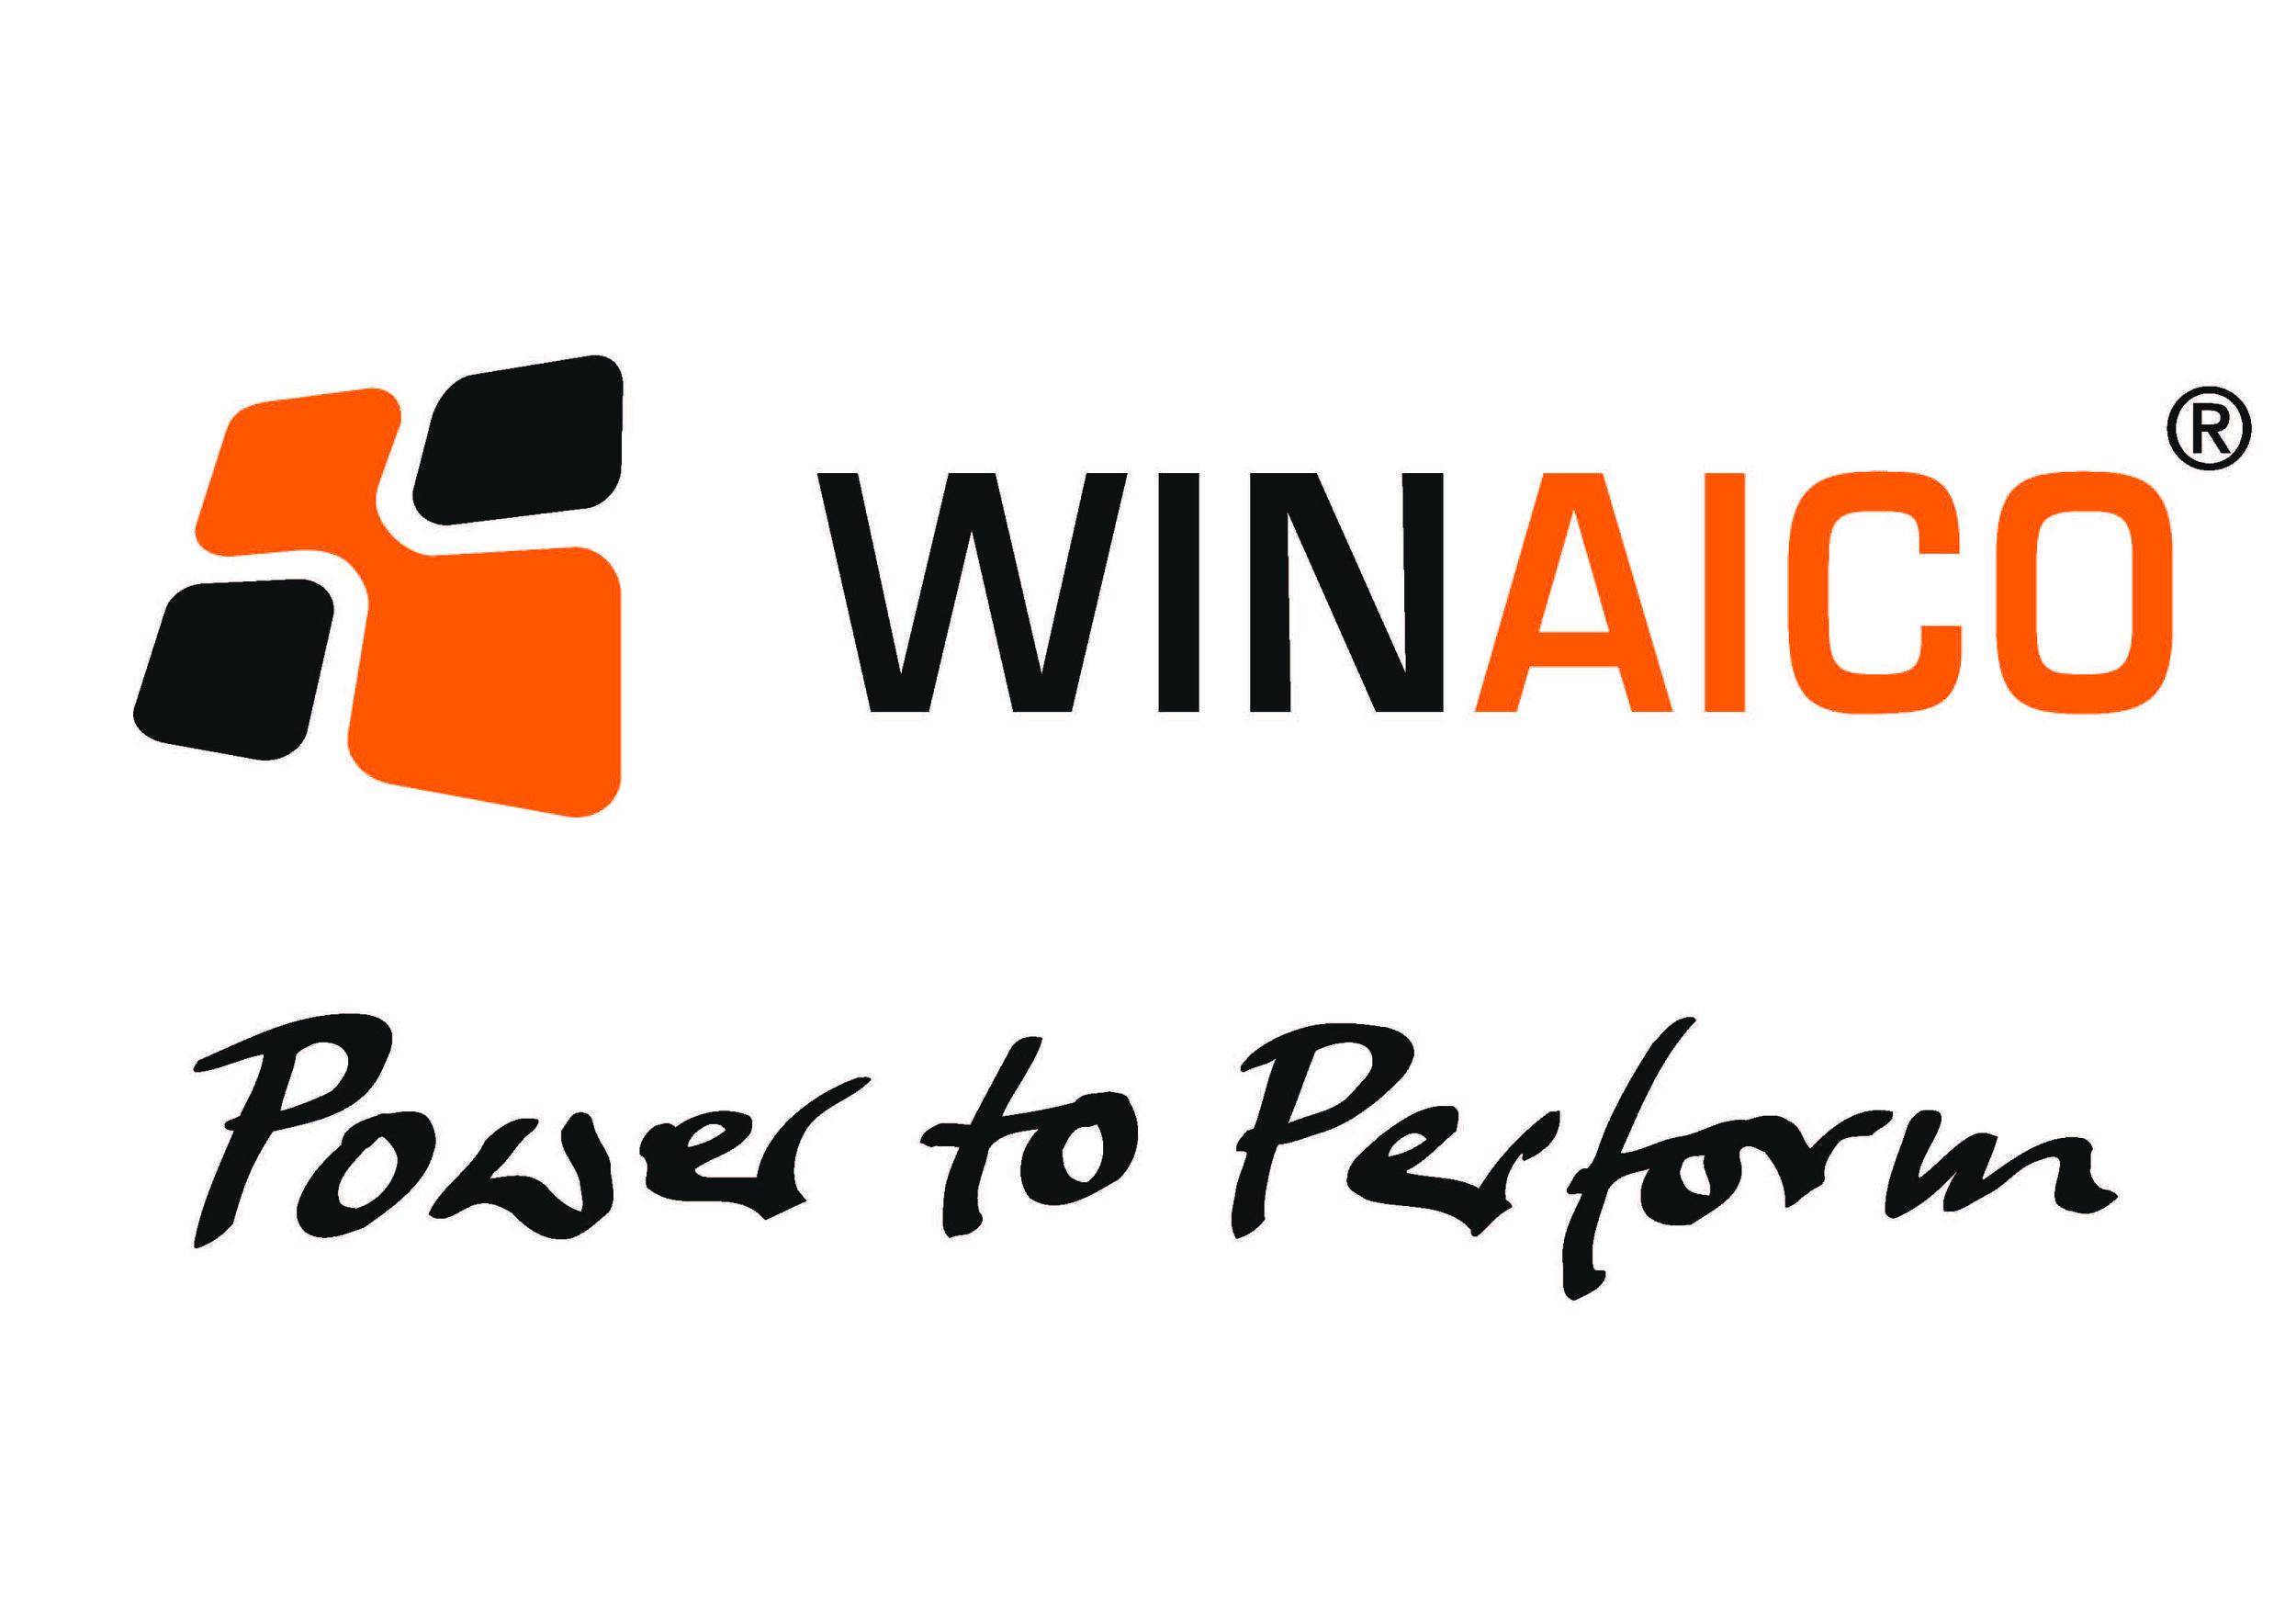 WINAICO_Power_to_Perform_jpg.jpg